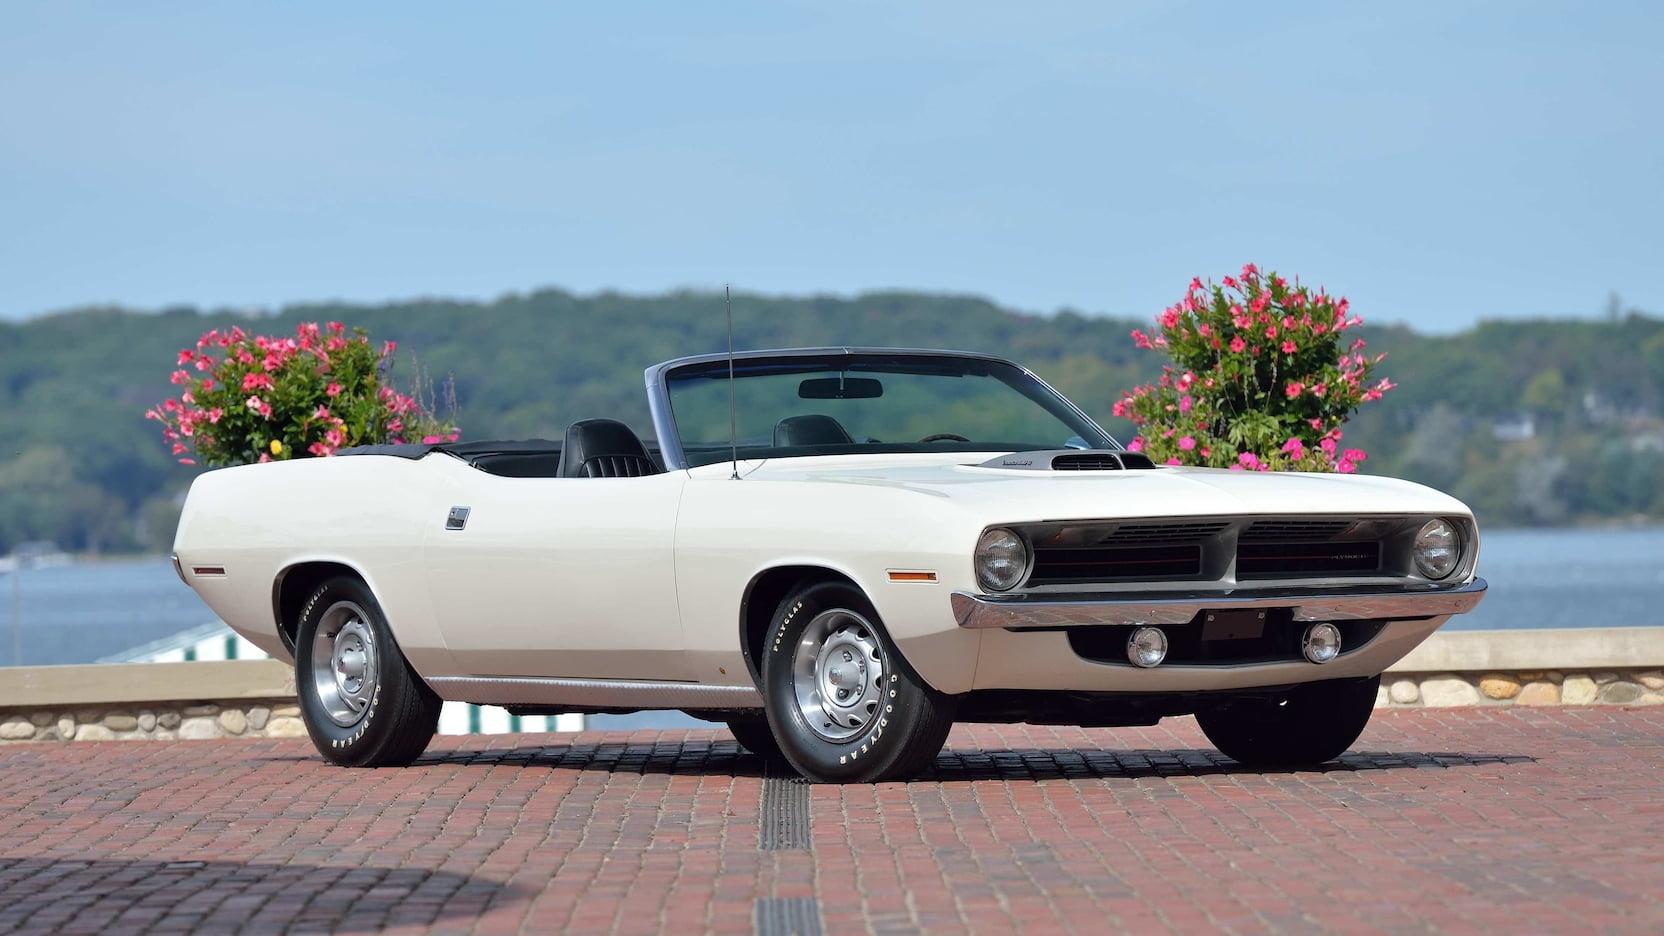 1970 Plymouth Cuda Convertible Pilot Car